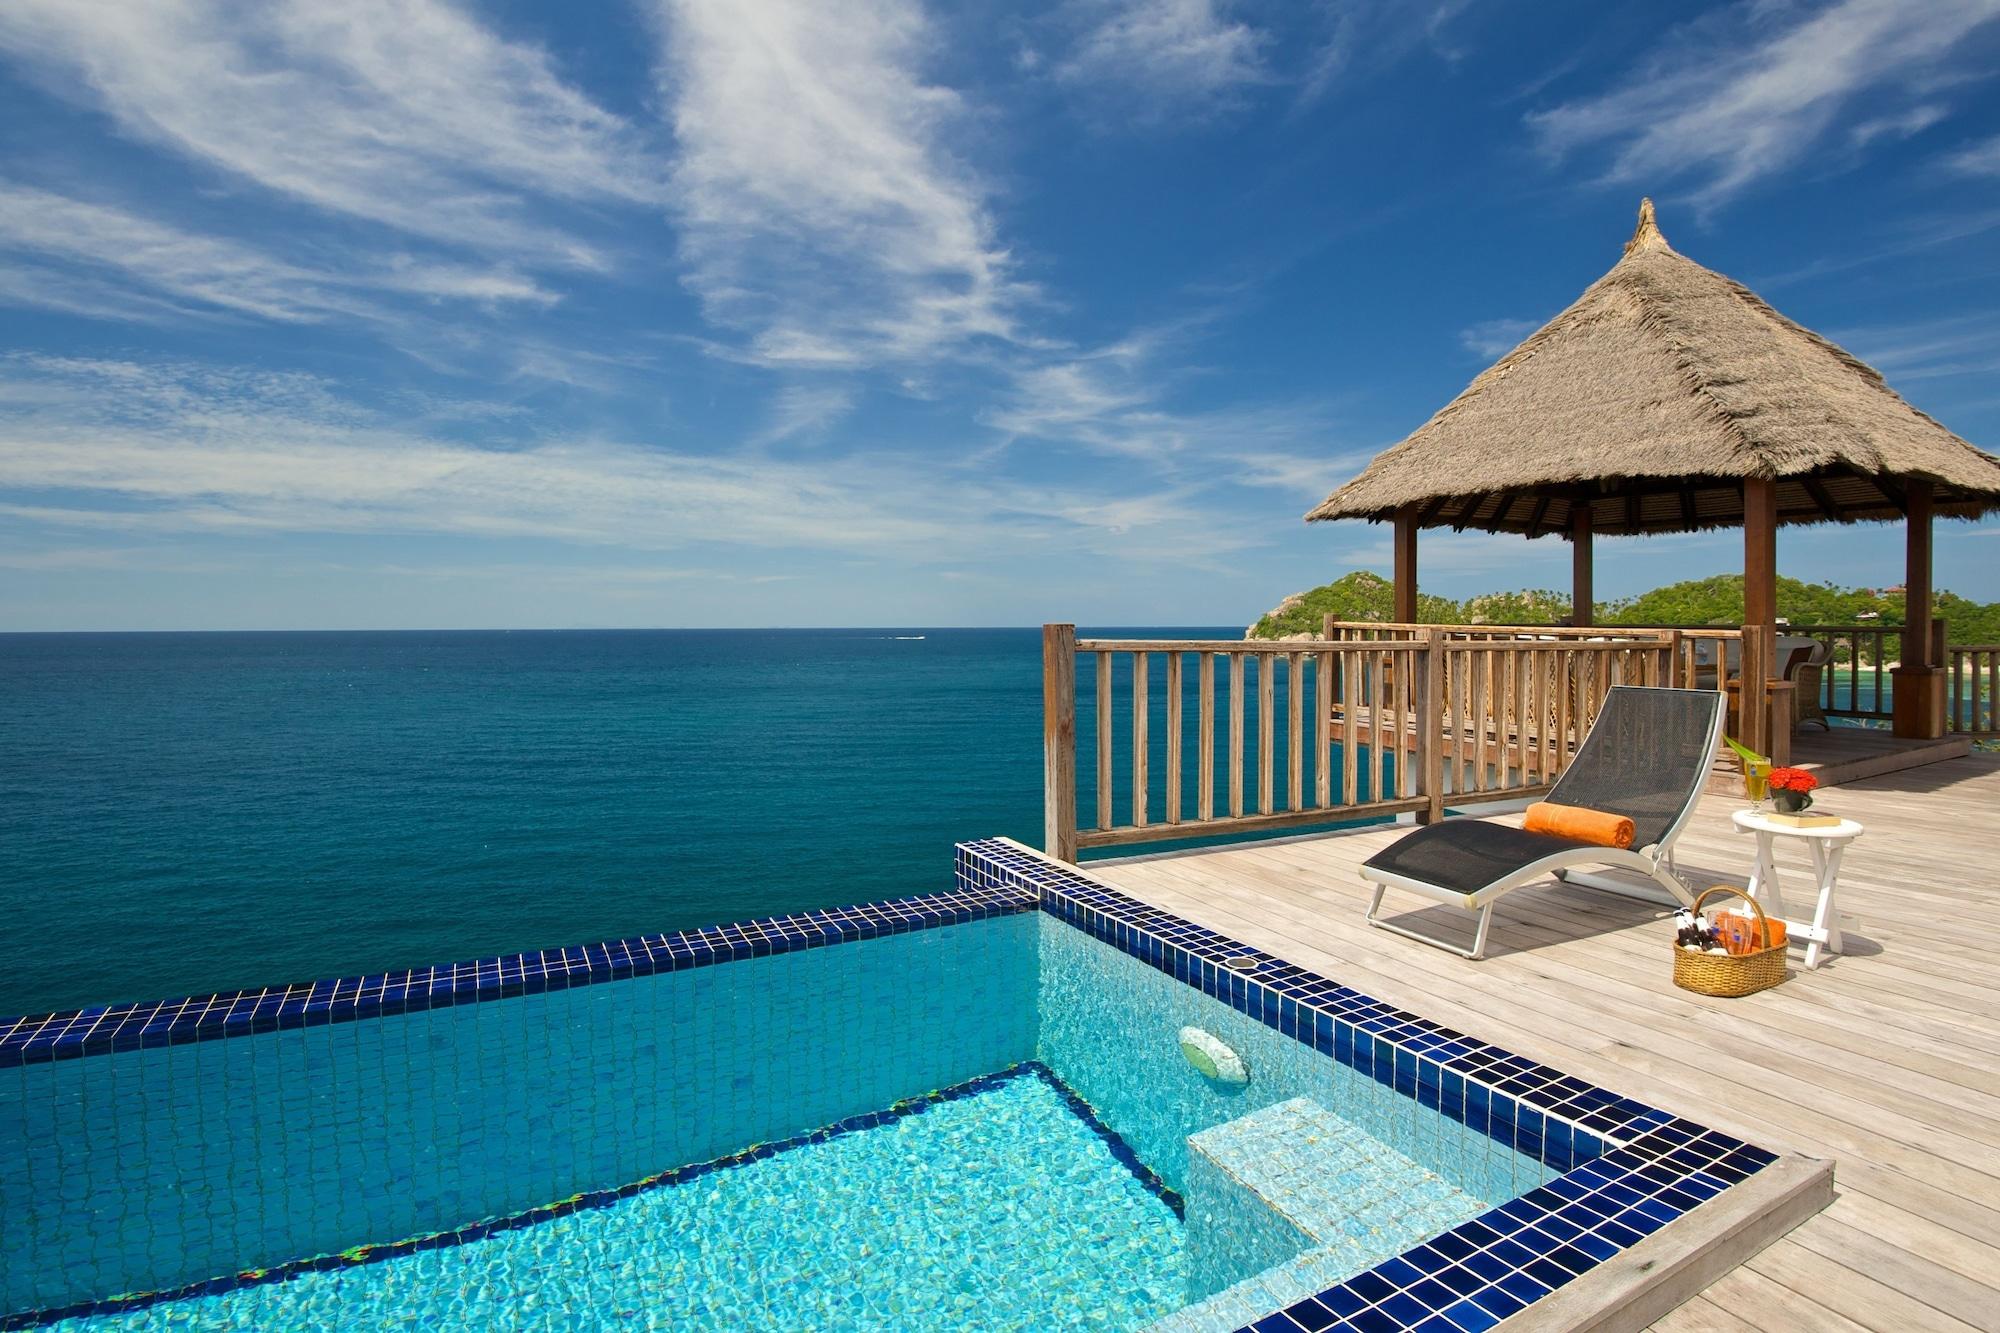 Cape Shark Pool Villas, Ko Phangan